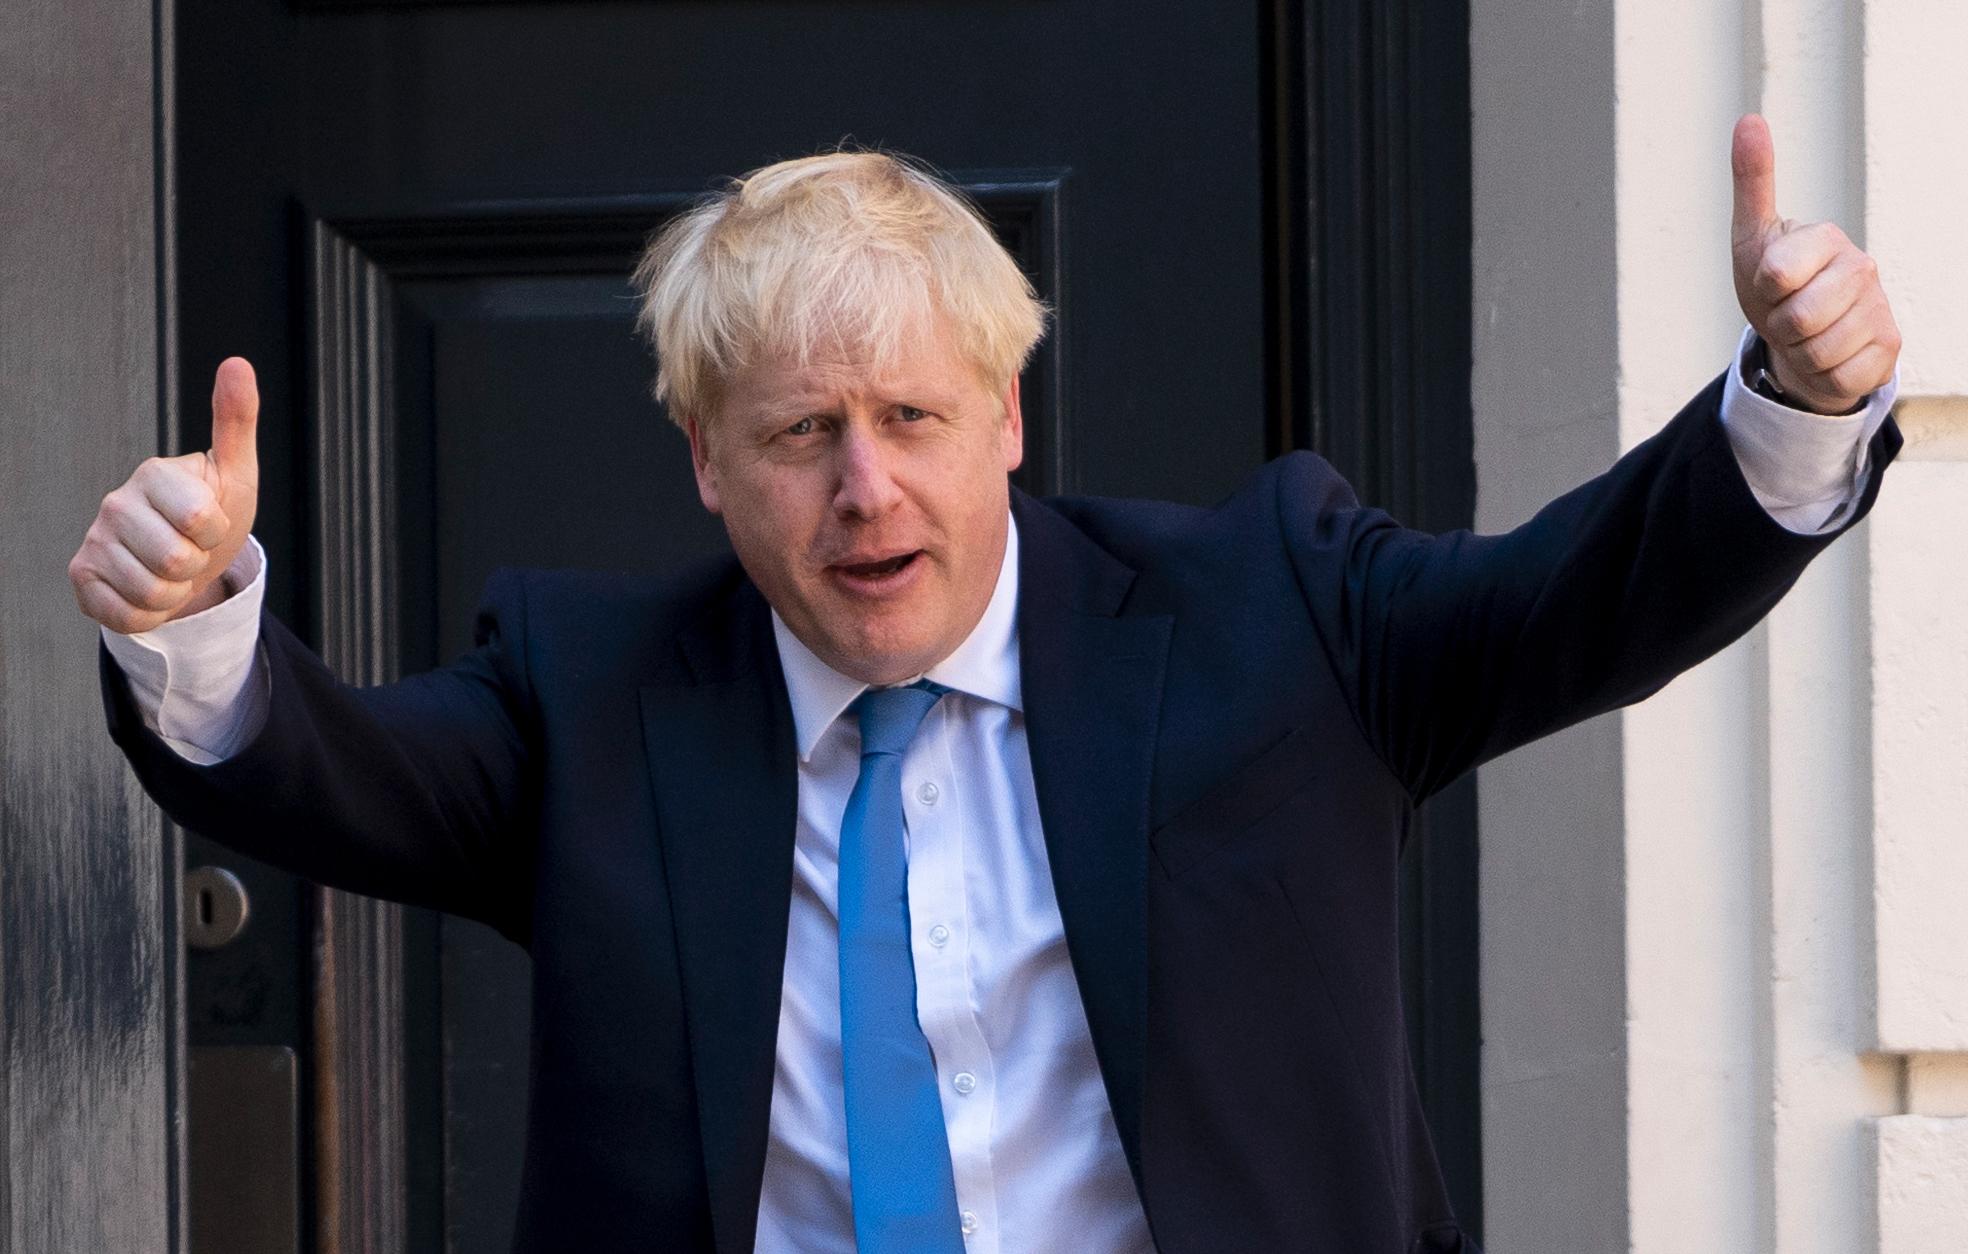 Boris Johnson, the UK's prime minister, explained in under 650 words